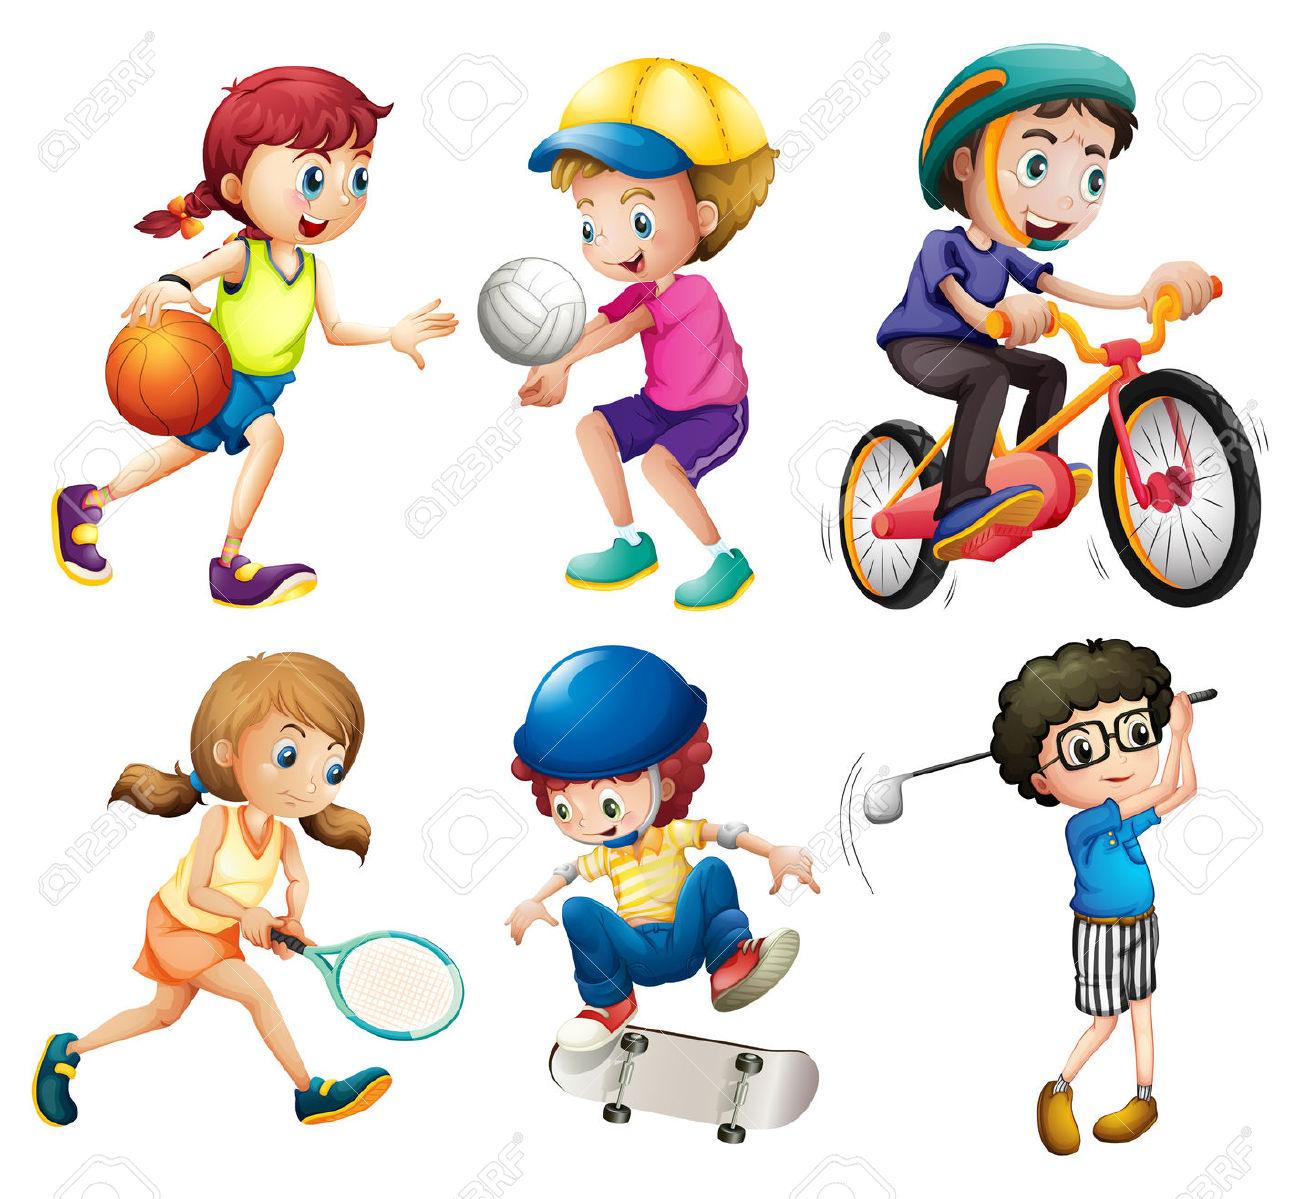 Картинка для детей виды спорта